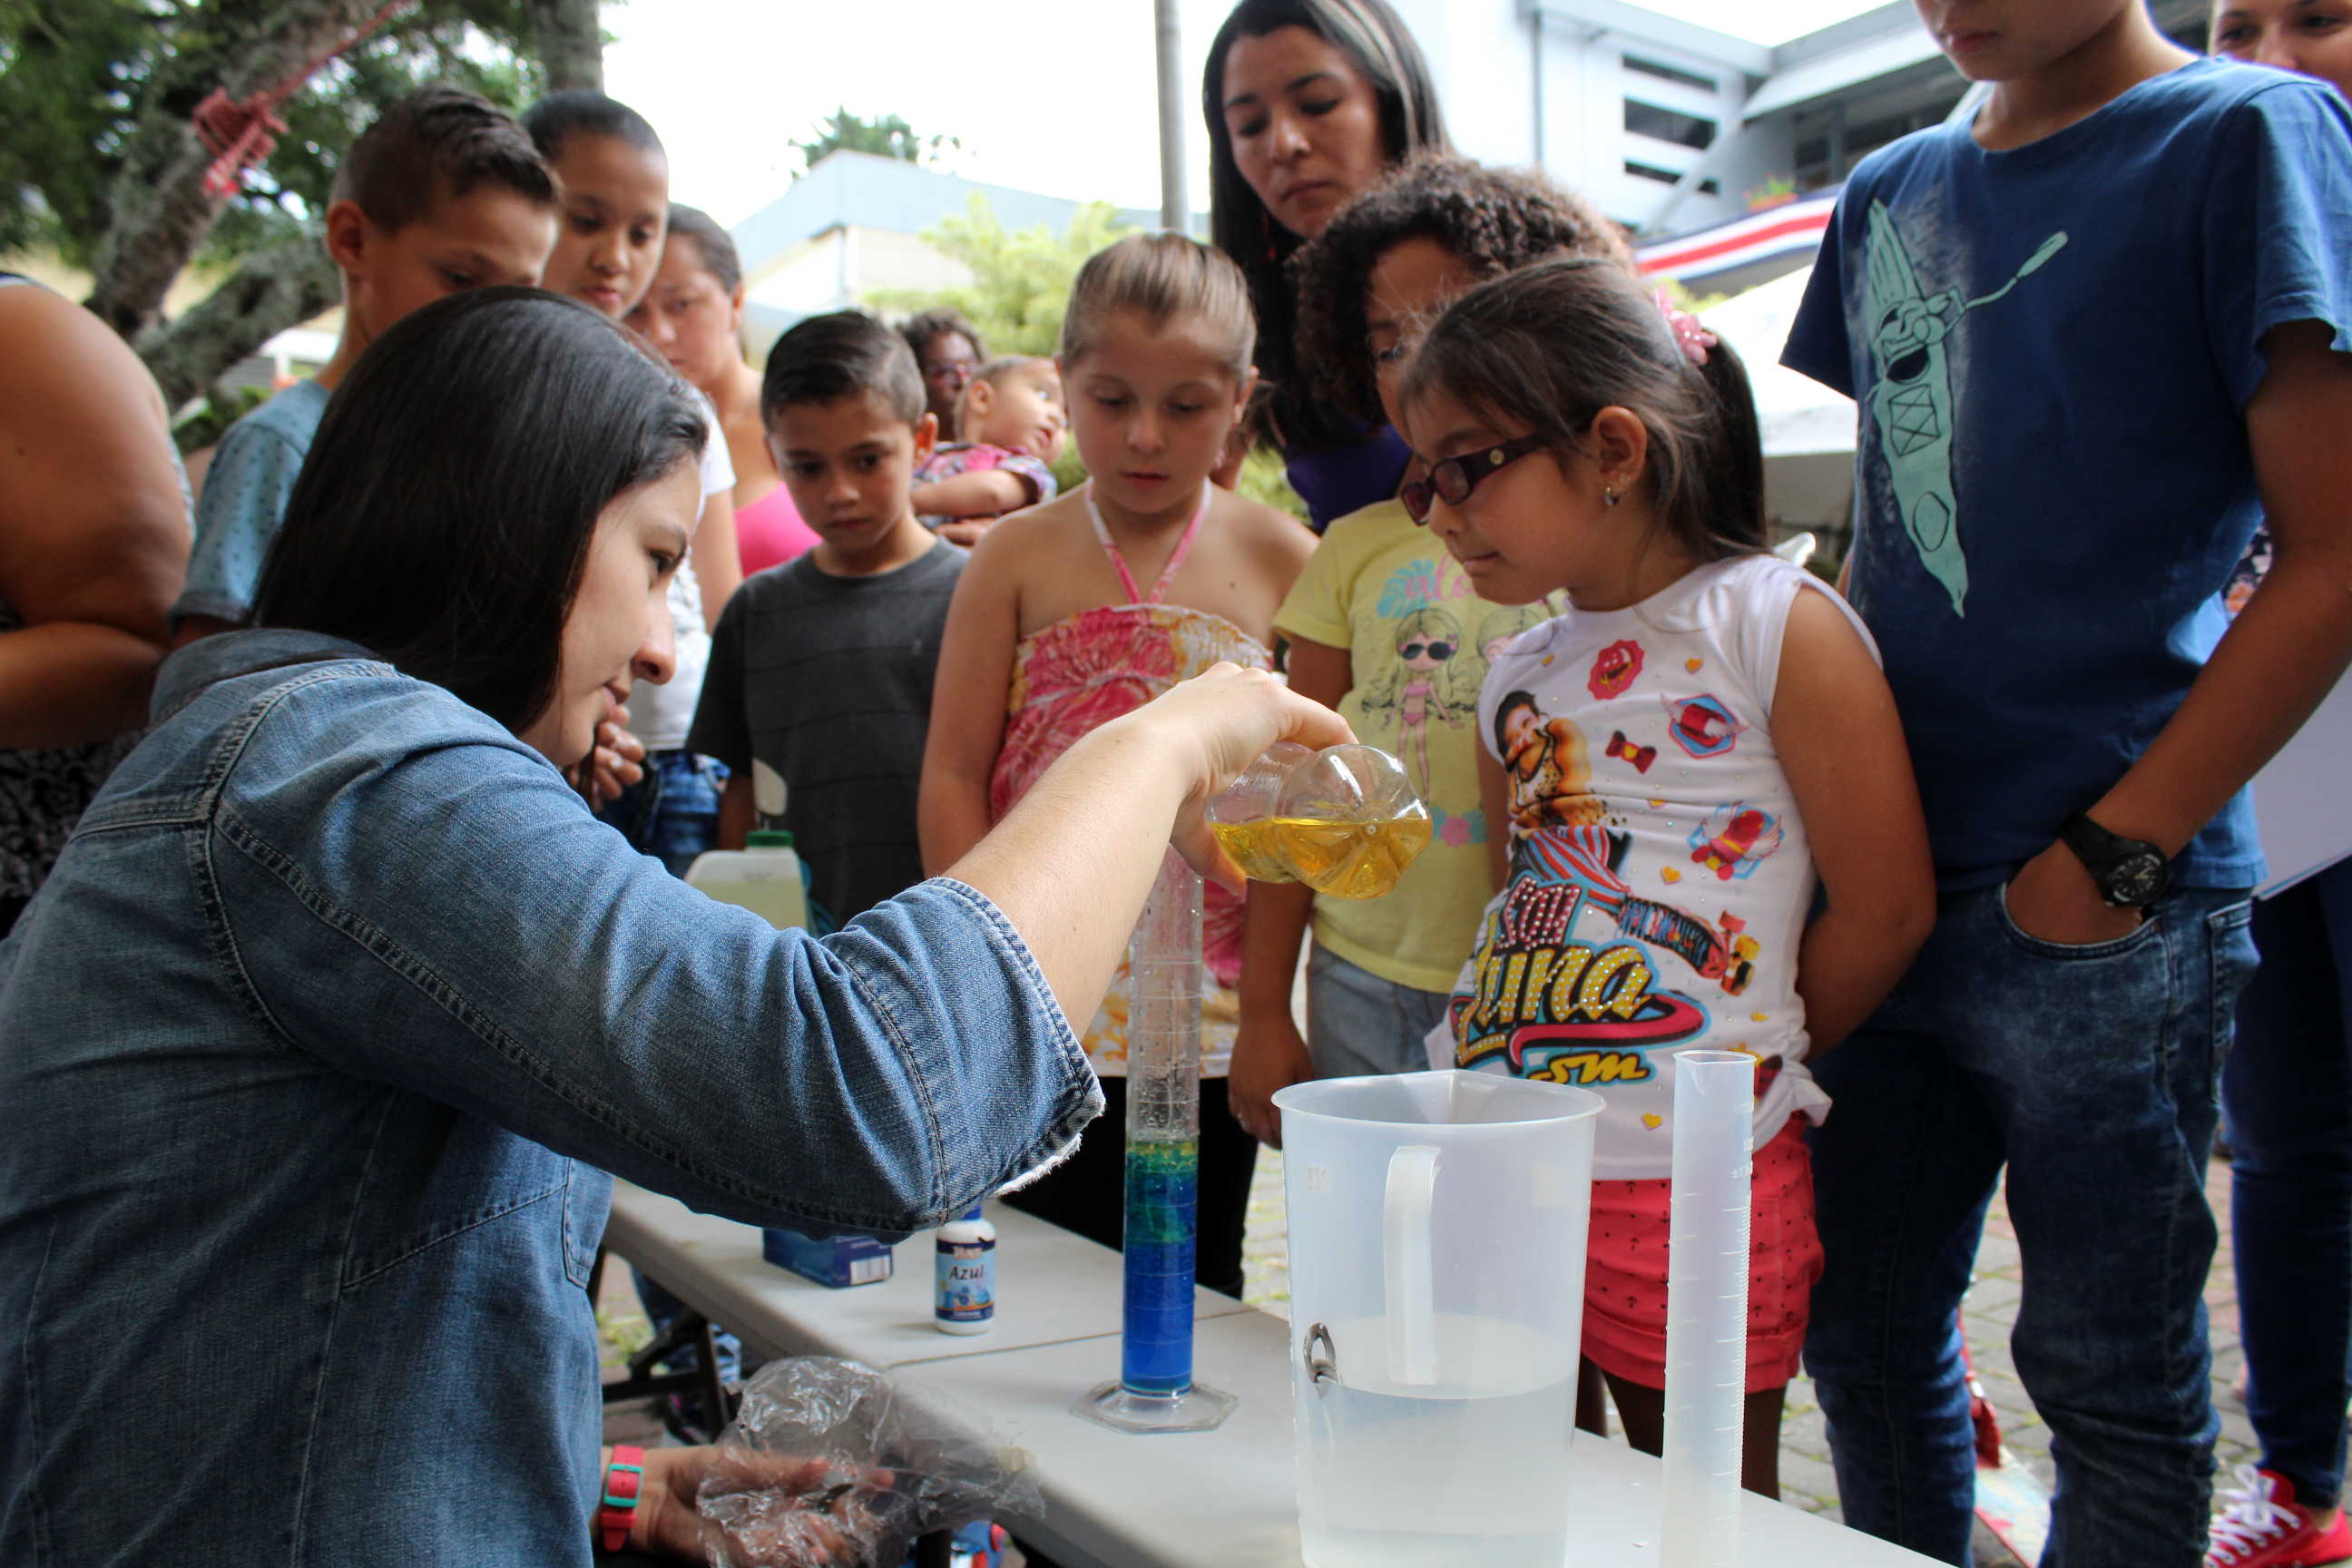 """Los niños asistentes a Títere-tandas también tuvieron la oportunidad de recibir talleres impartidos por el TCU """"Promoción de la Ciencia y Tecnología de alimentos"""", con diversos experimentos relacionados con este campo."""